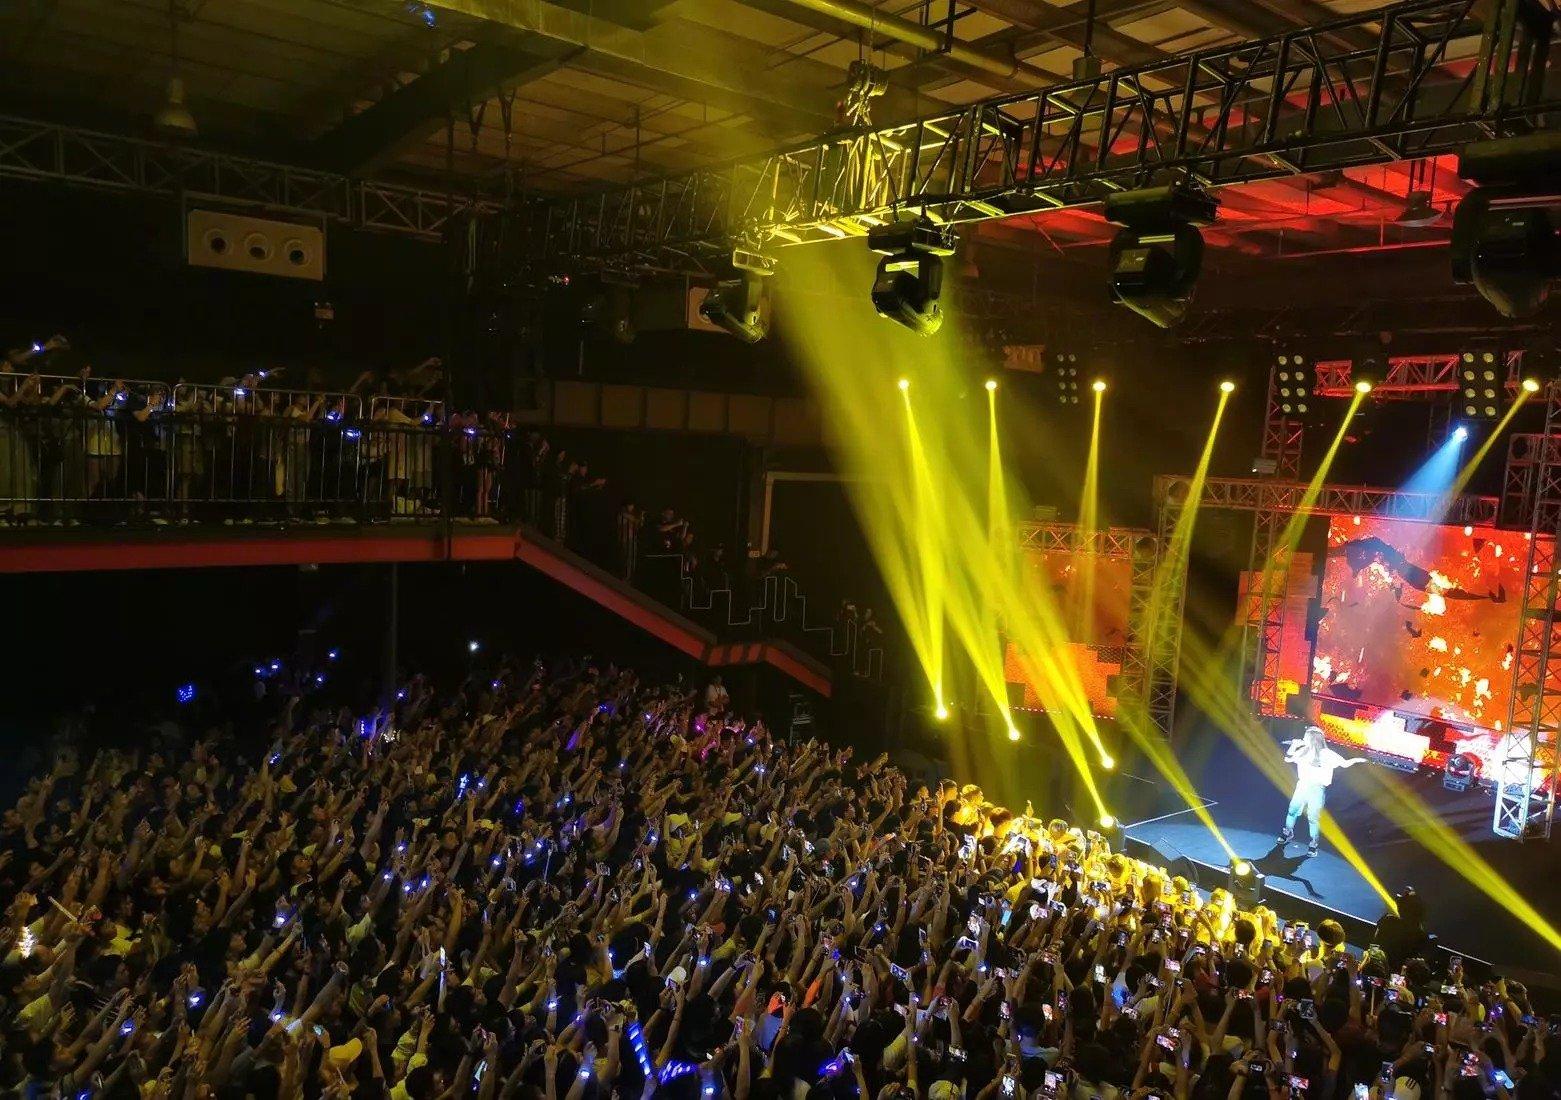 2021邓紫棋长沙演唱会时间、场馆、购票链接